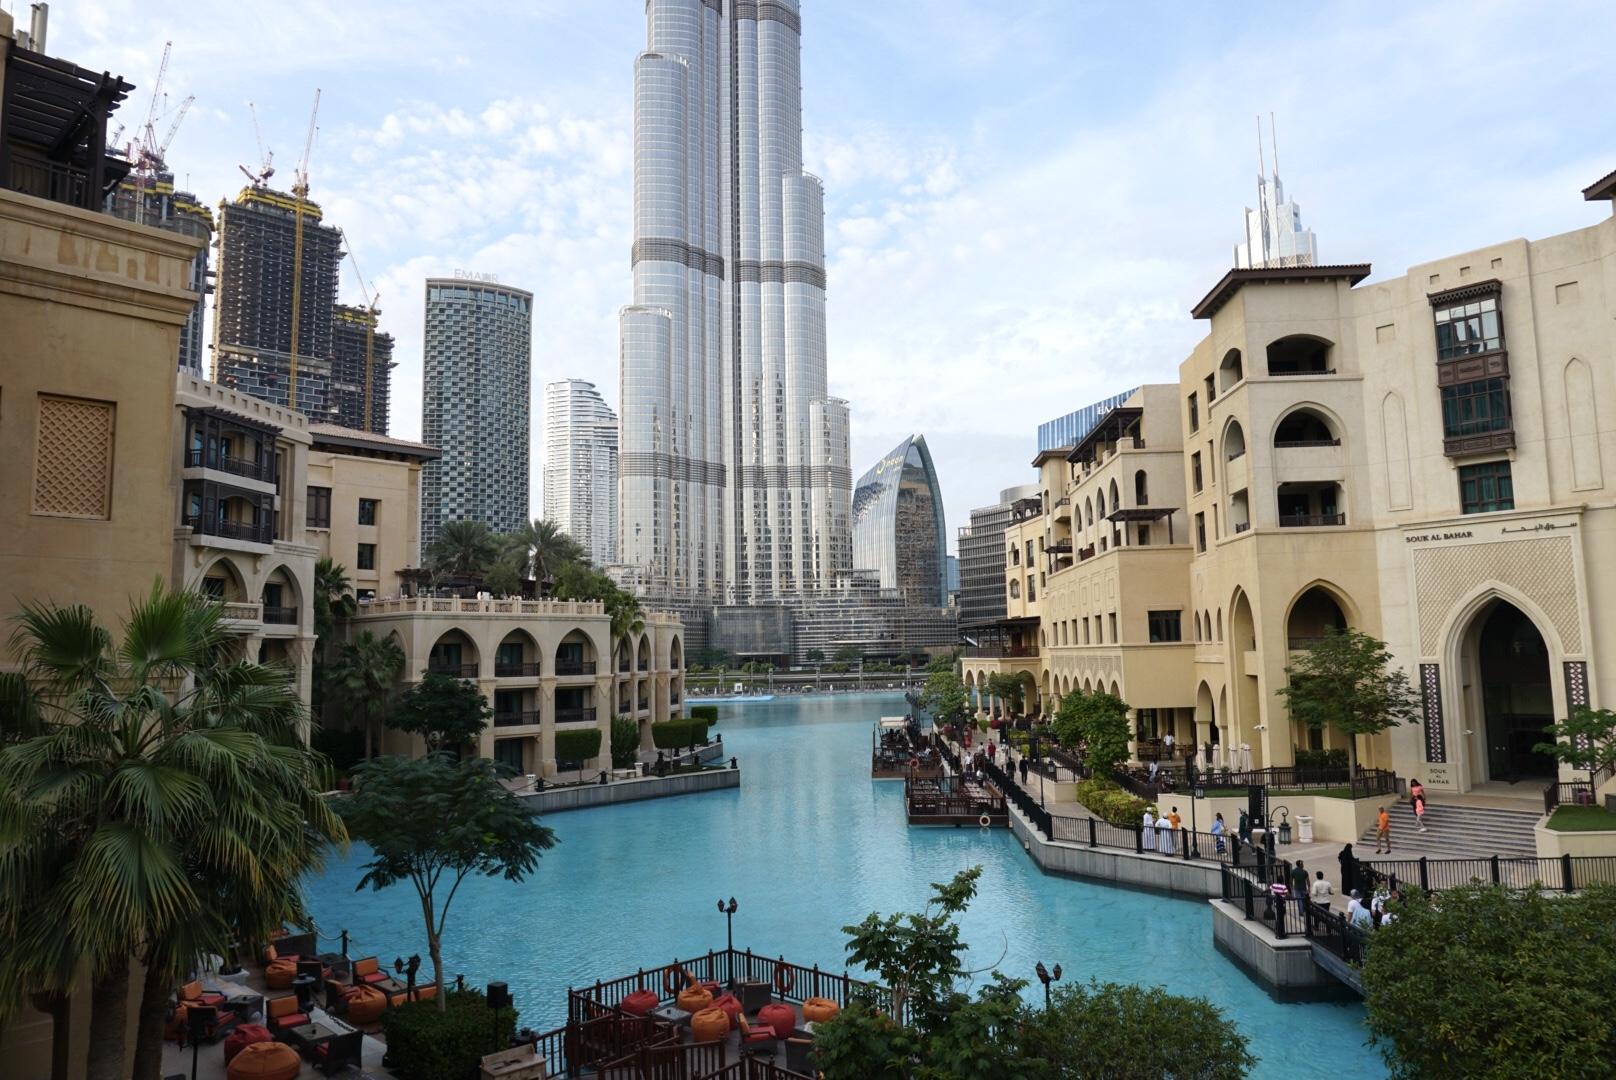 Dubai UAE, Burj Khalifa